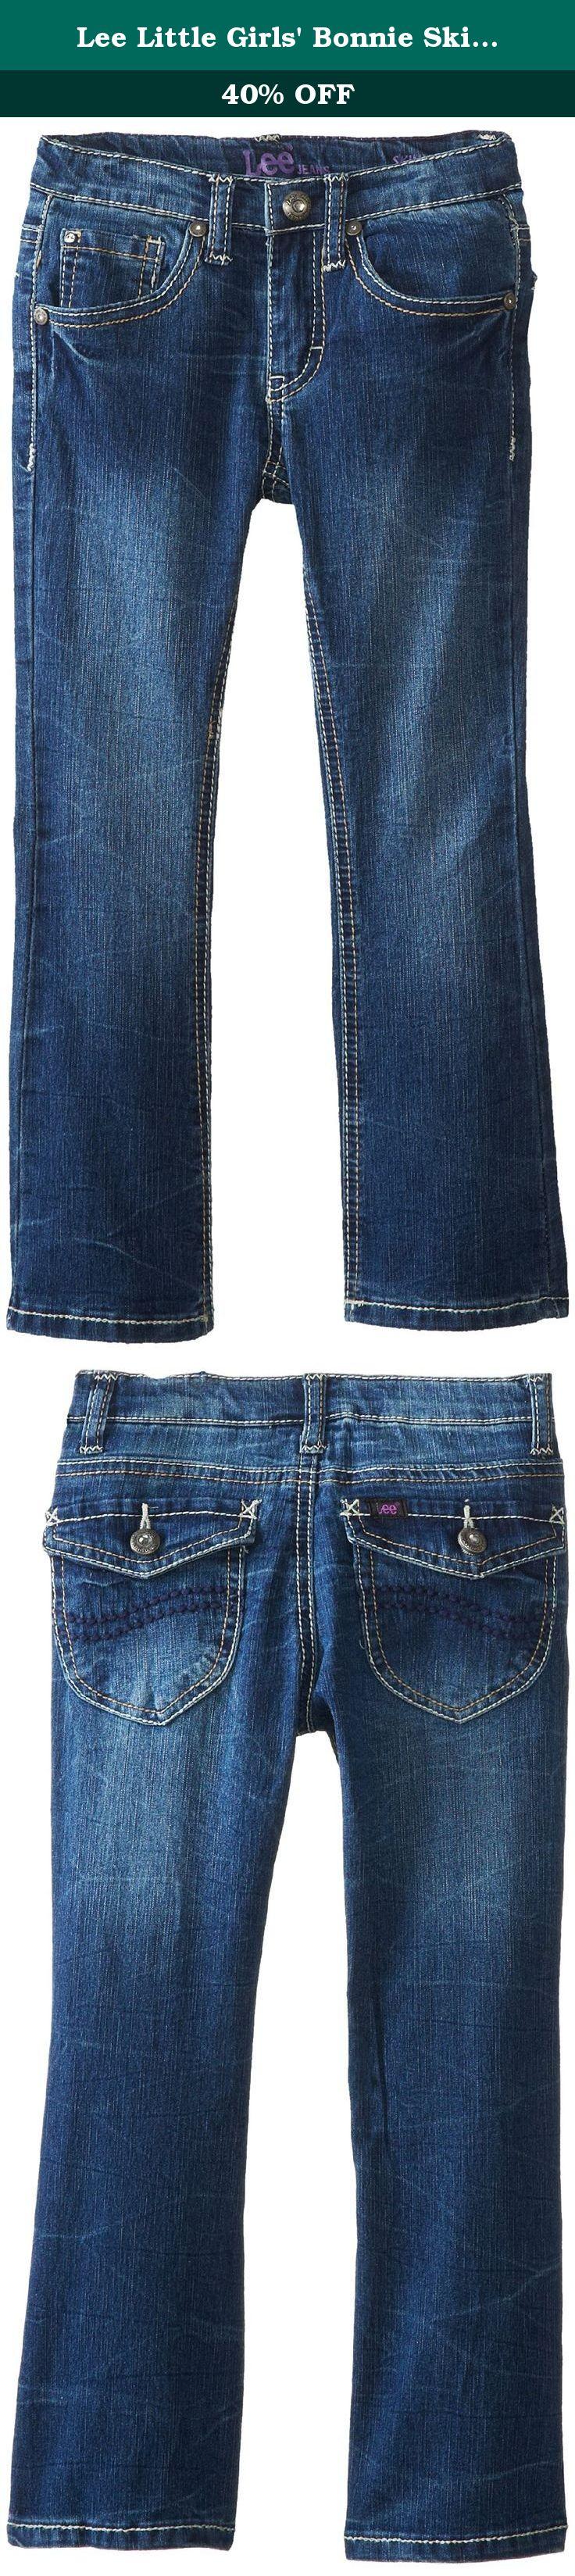 OshKosh BGosh Girls Little Skinny Boot Denim